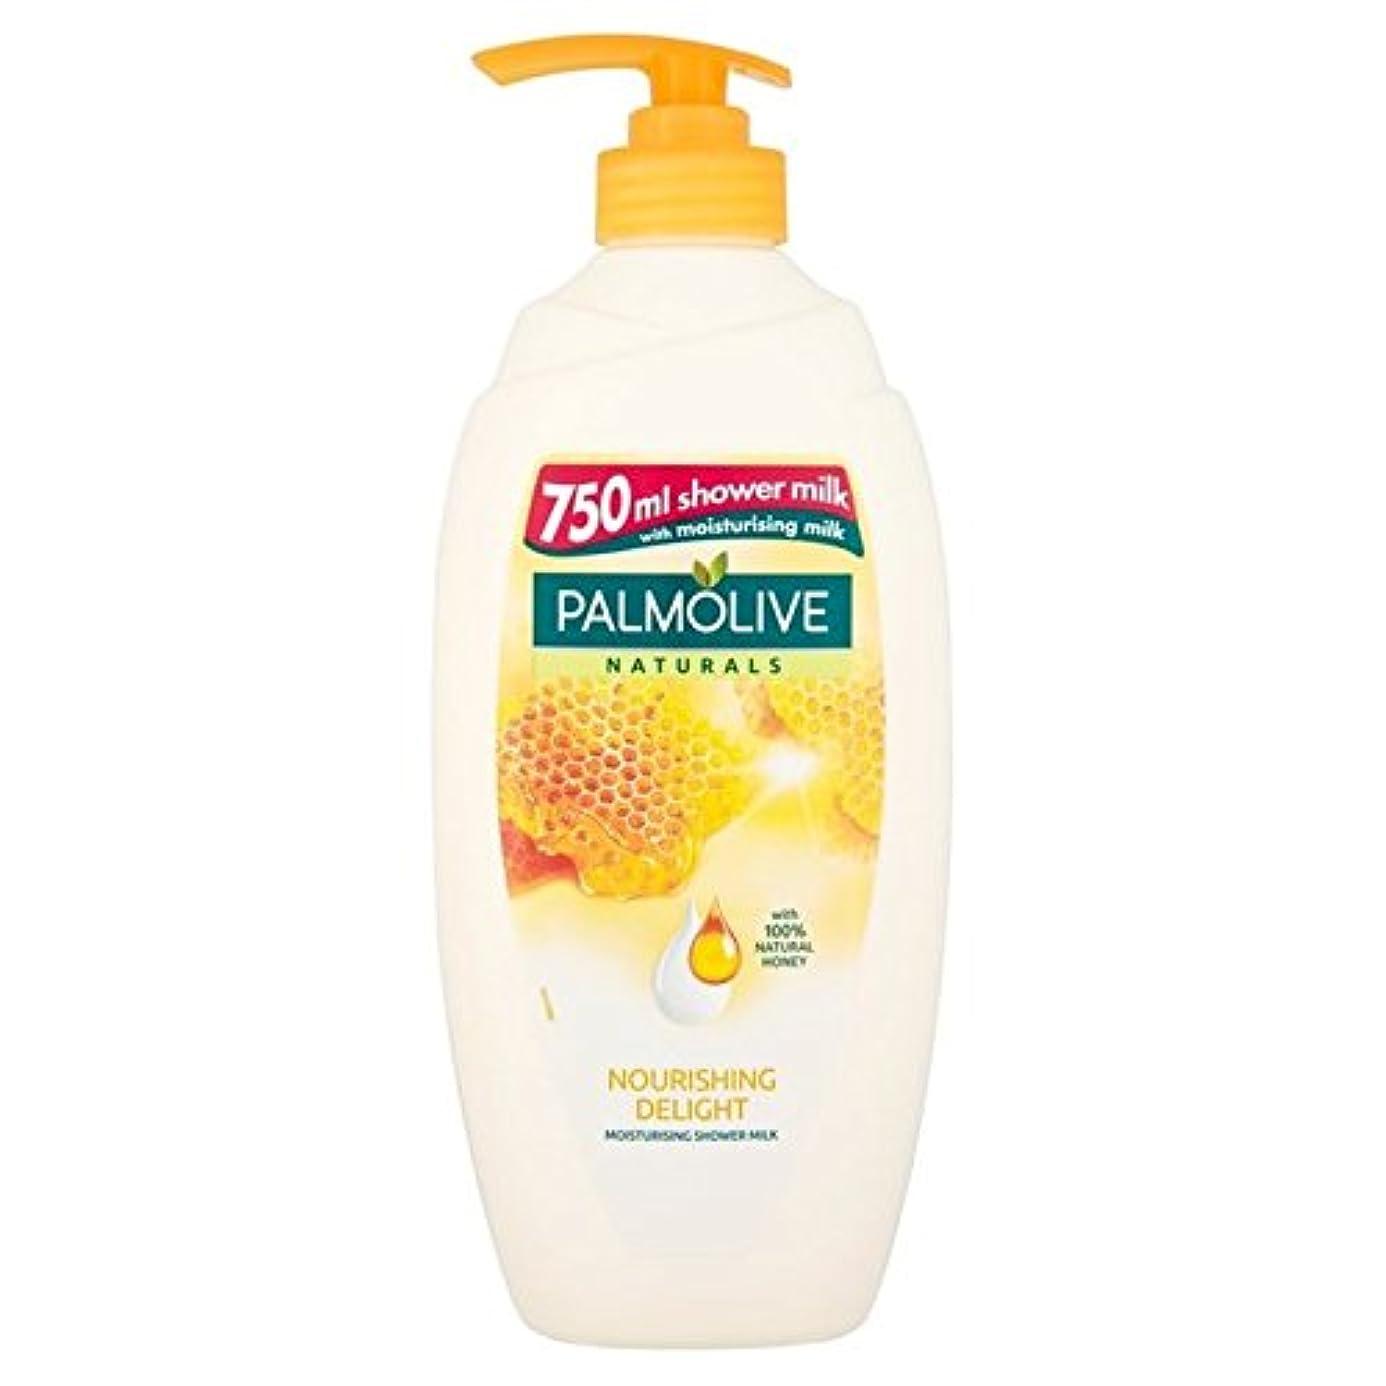 柔らかい足オゾンカーテンPalmolive Naturals Nourishing Shower Naturals Milk with Honey 750ml (Pack of 6) - 蜂蜜の750ミリリットルとシャワーナチュラルミルク栄養パルモライブナチュラル...